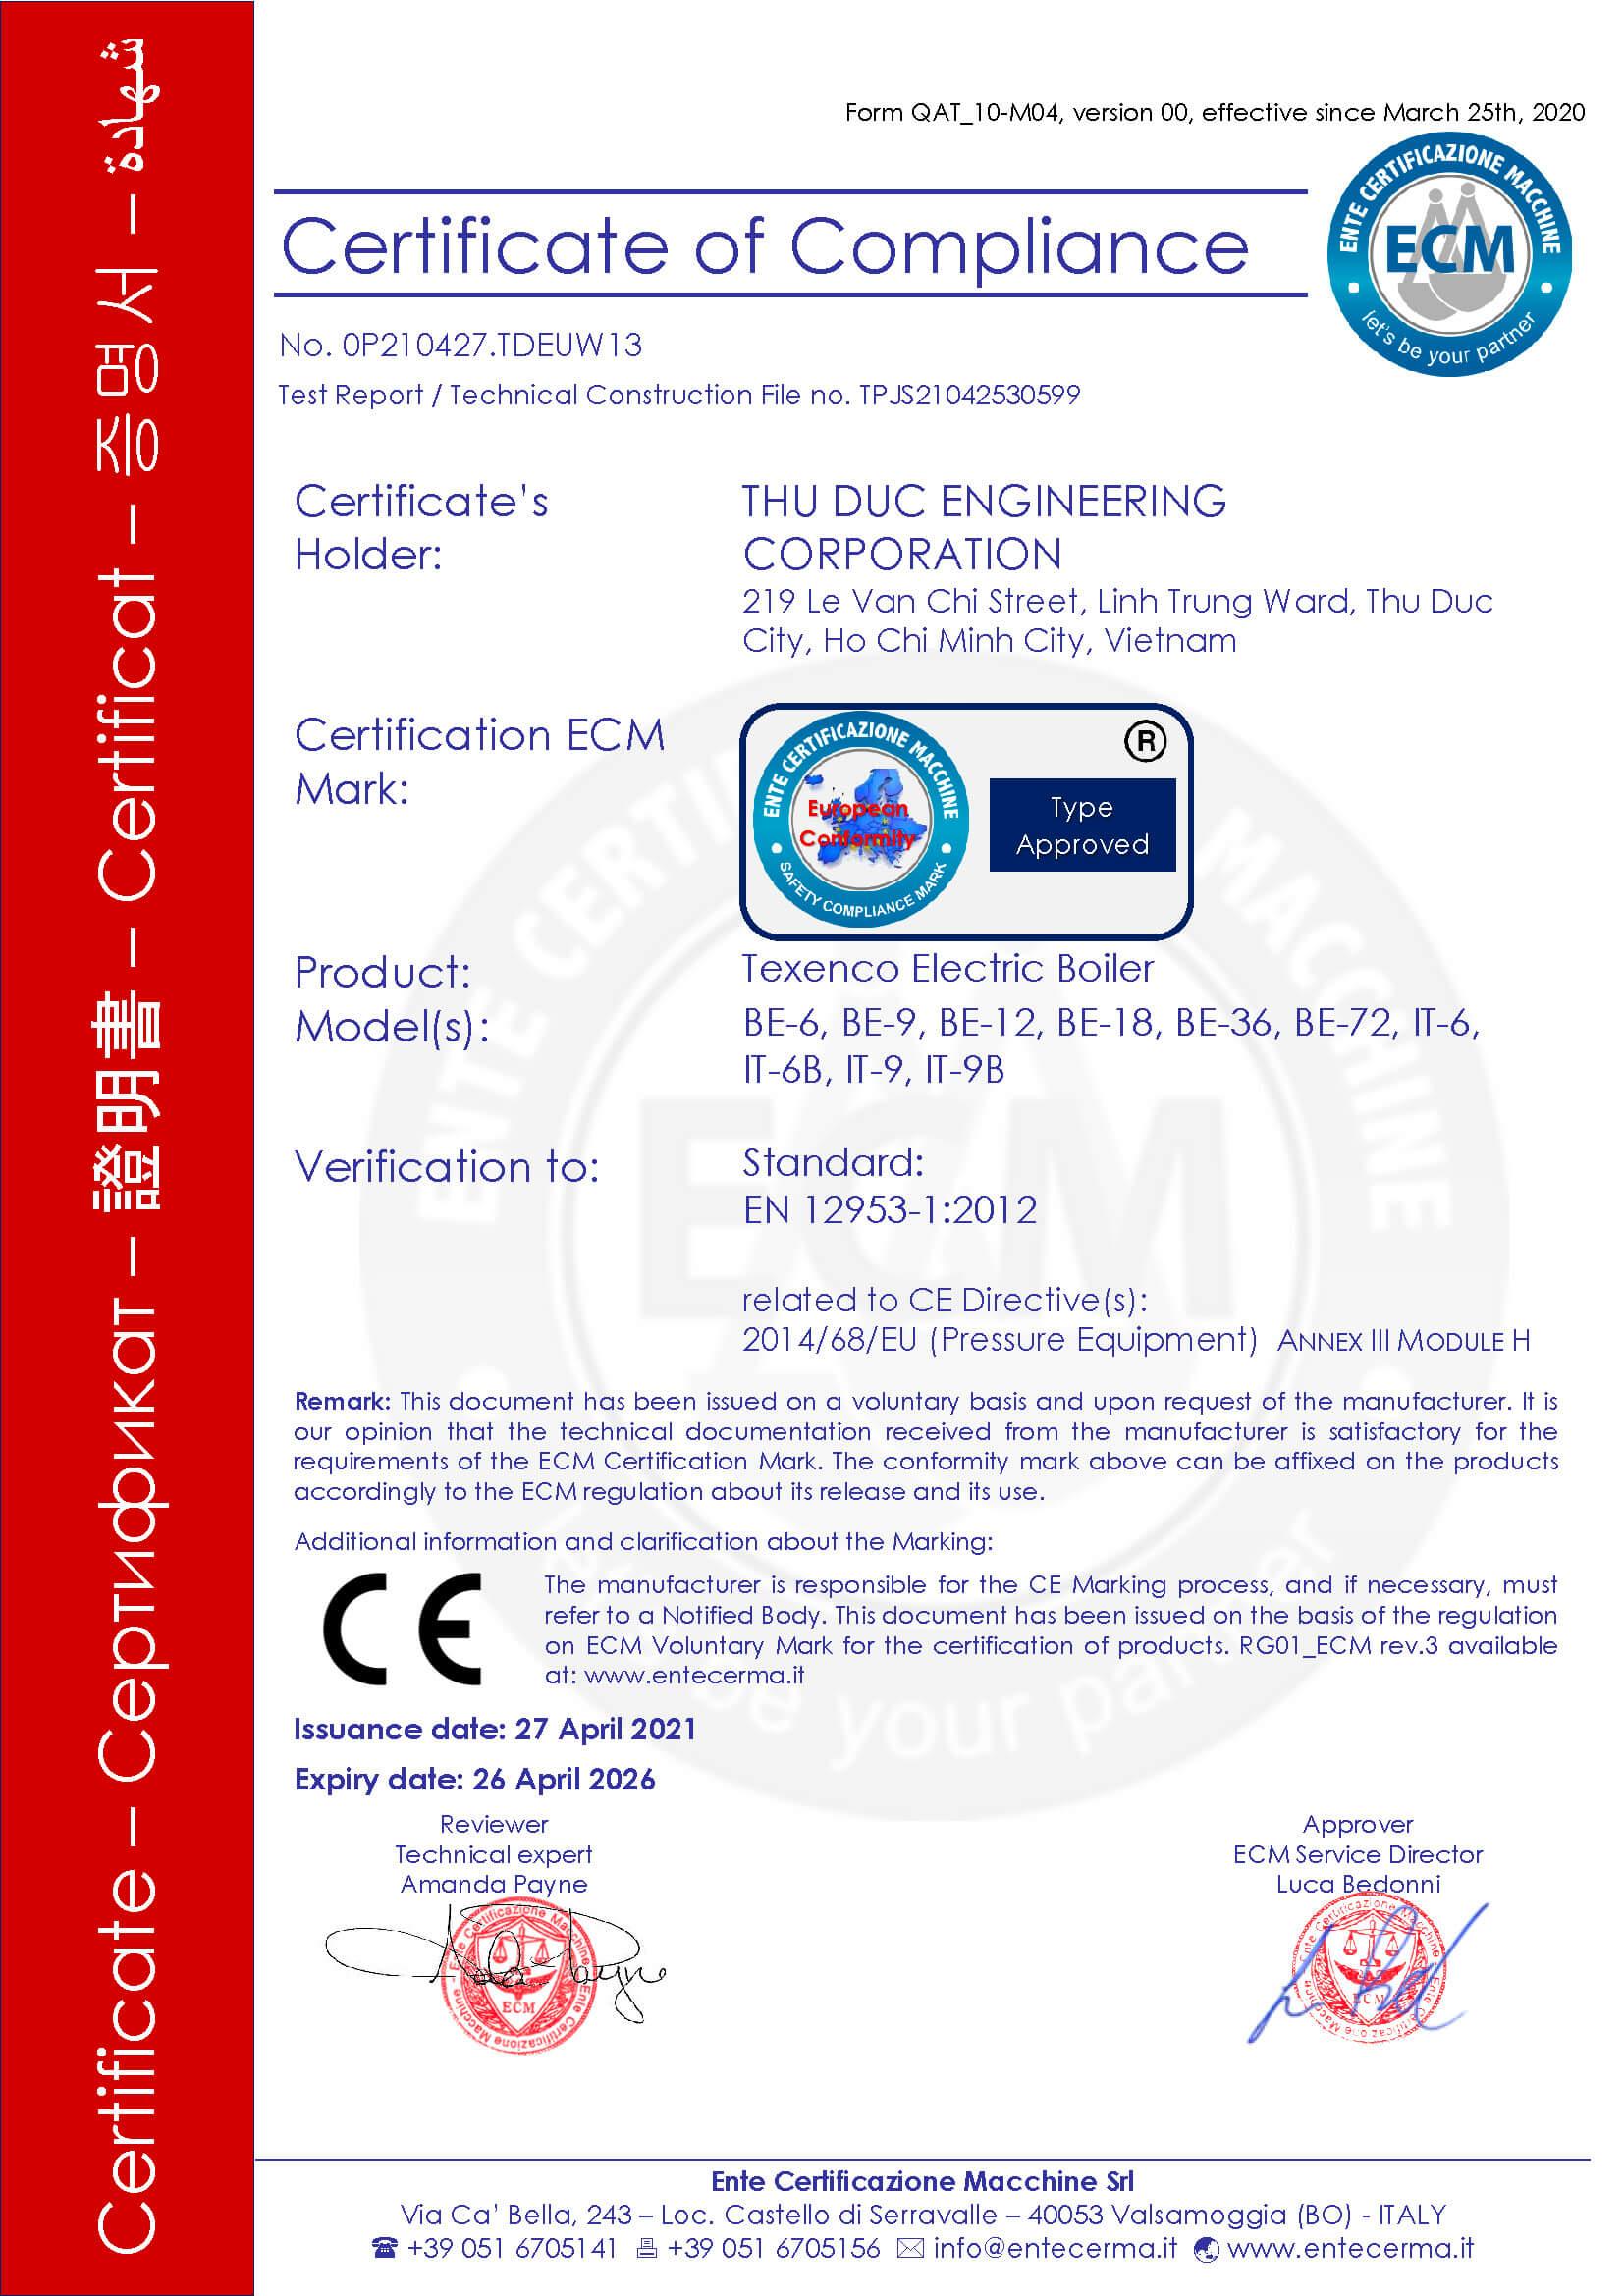 Công ty Cổ Phần Cơ khí Thủ Đức TEXENCO đạt chứng nhận CE marking